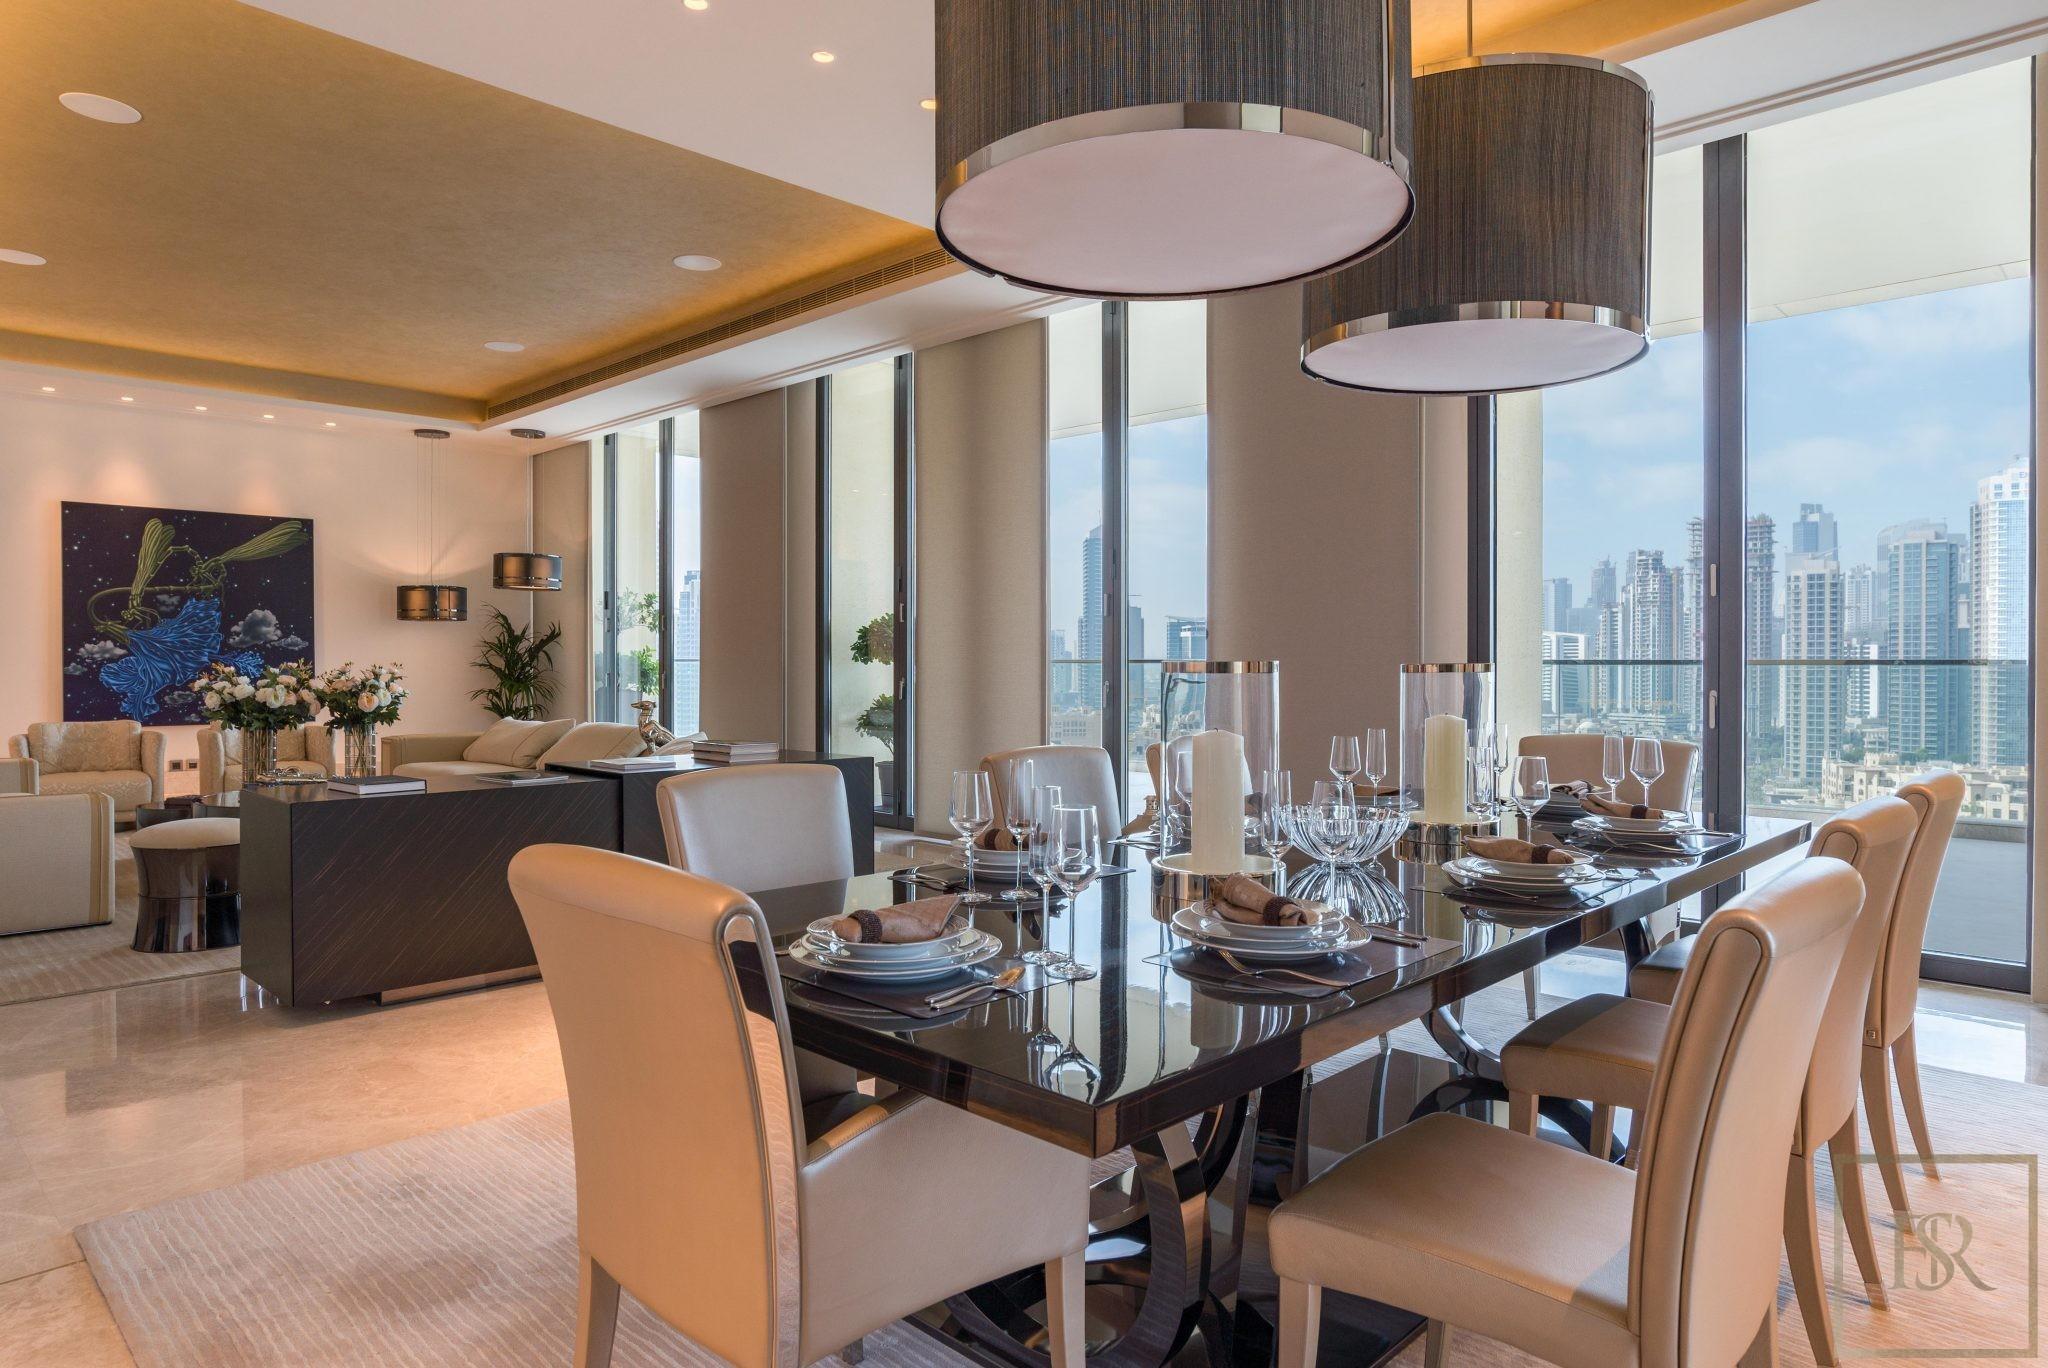 Penthouse Duplex The 118 Downtown, Dubai, UAE for sale For Super Rich